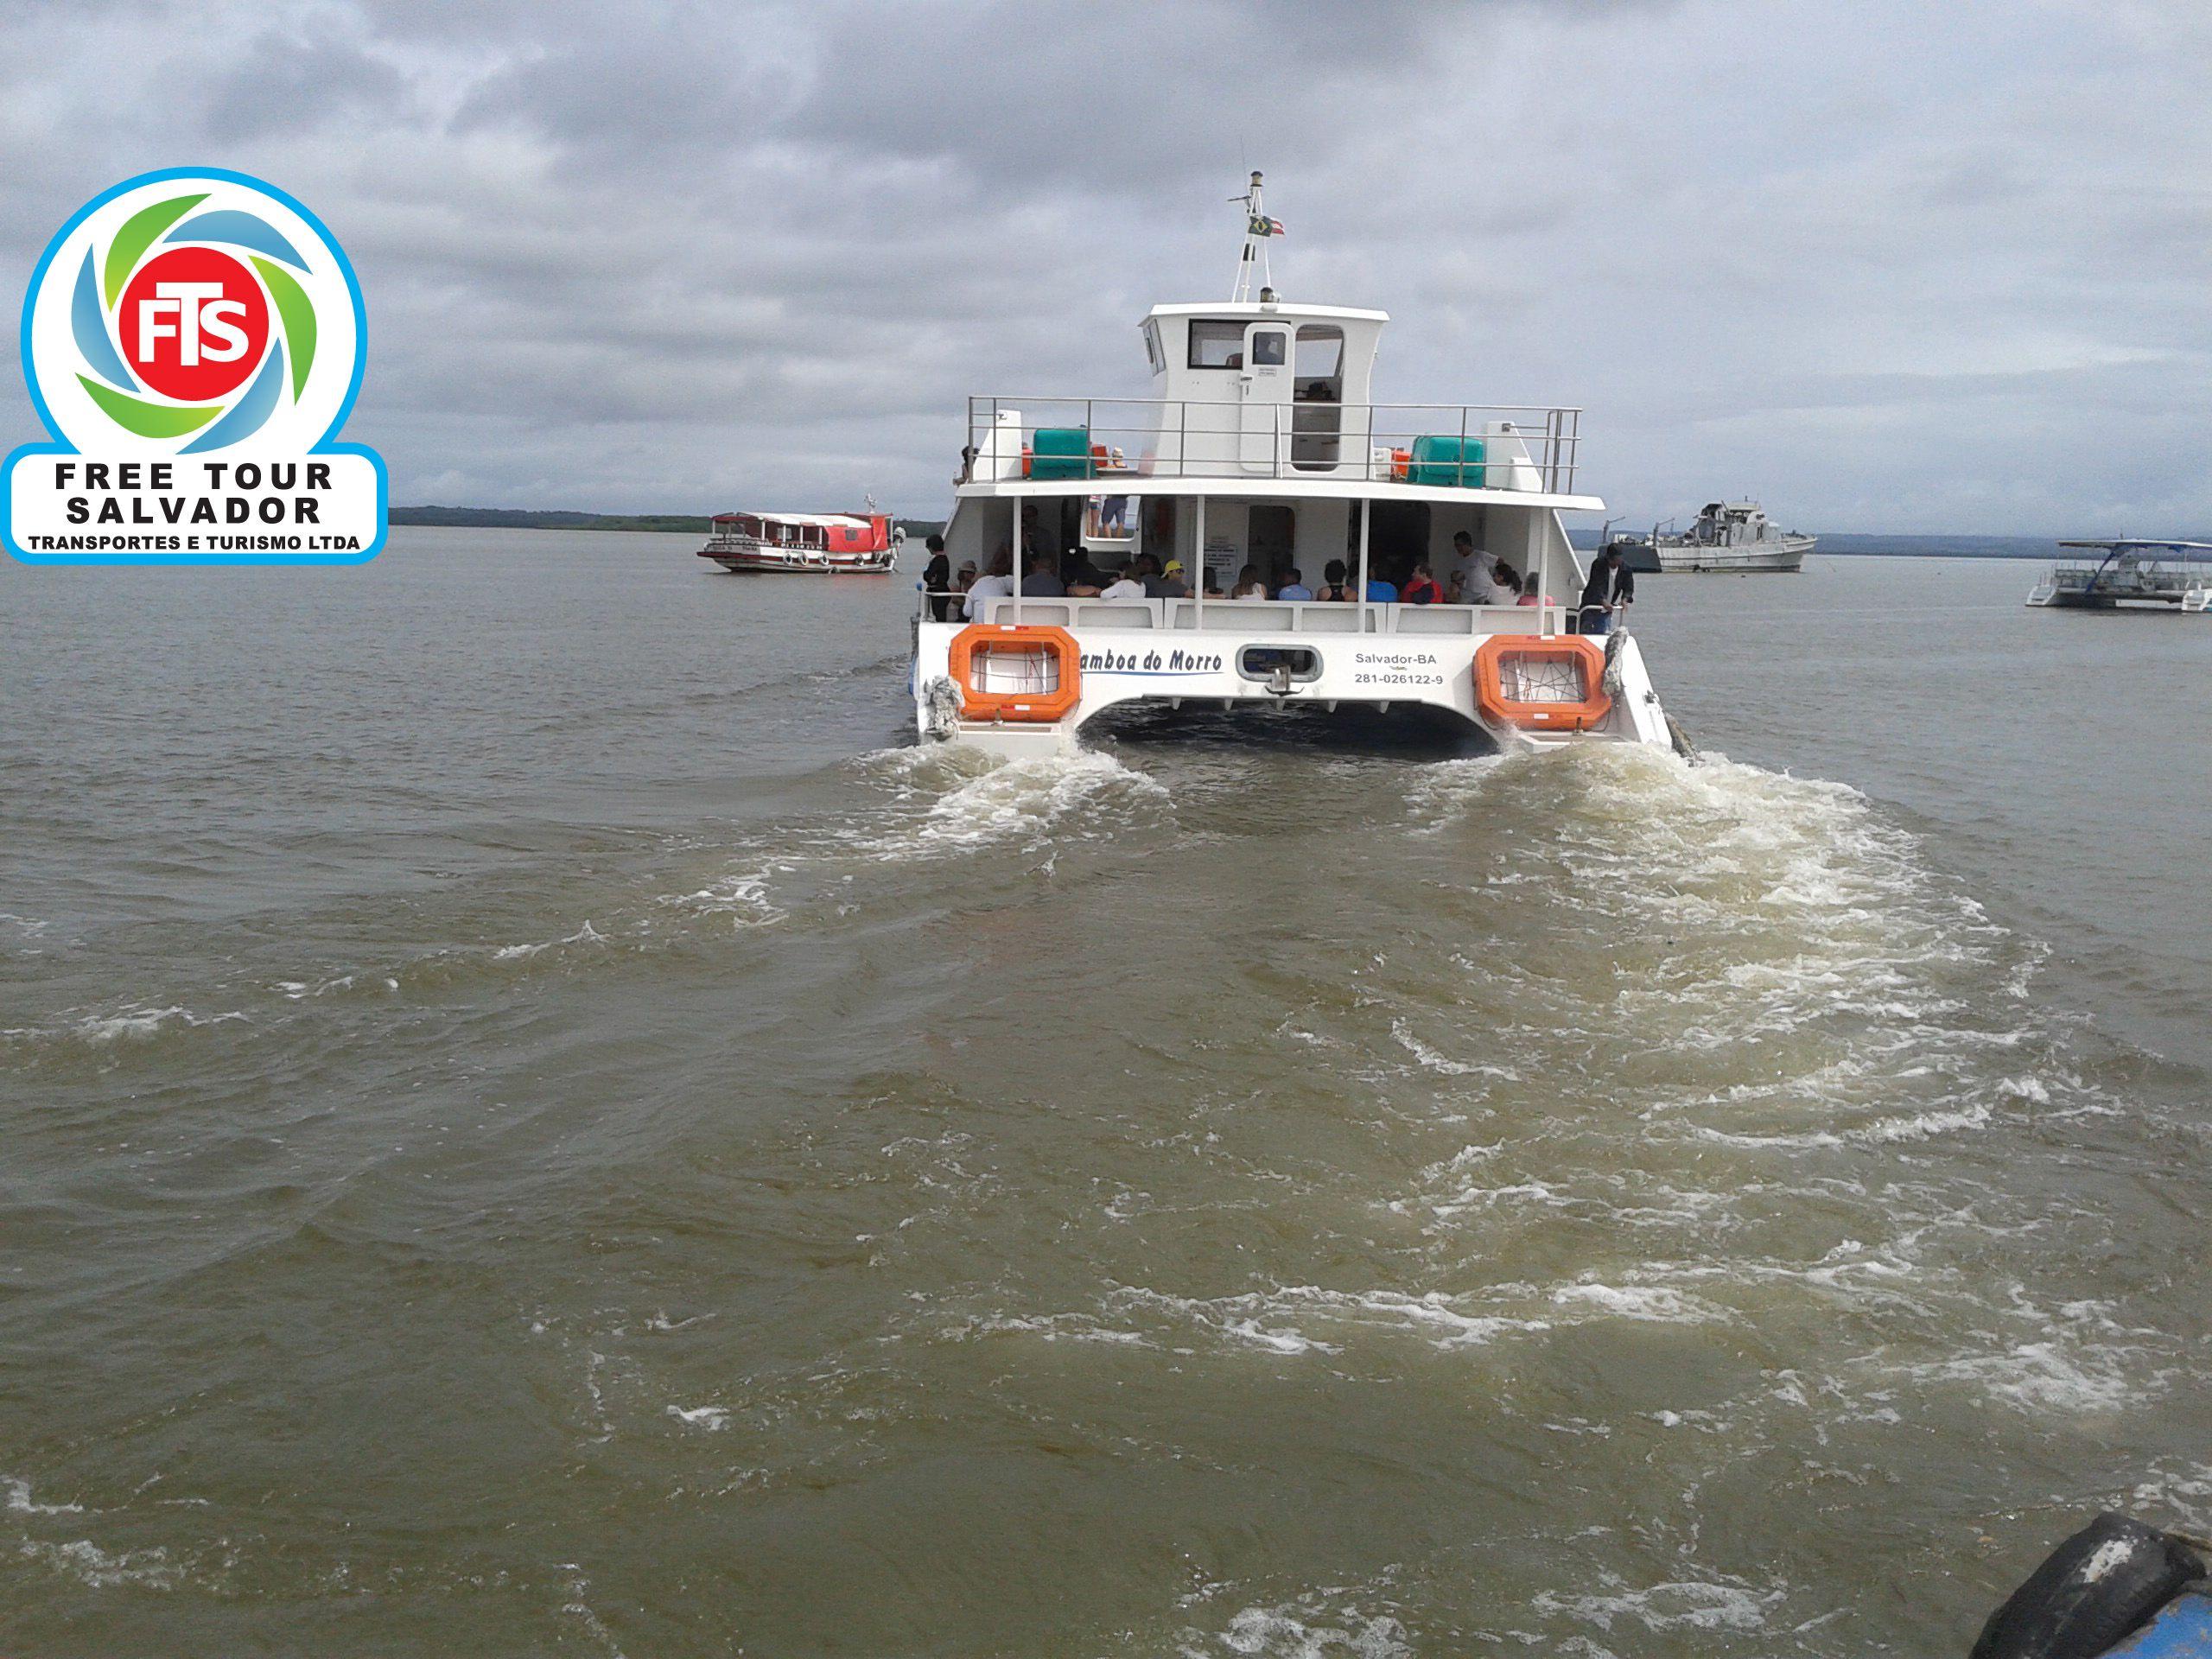 Traslados Seme Terrestre E Venda De Passagens De Catamara